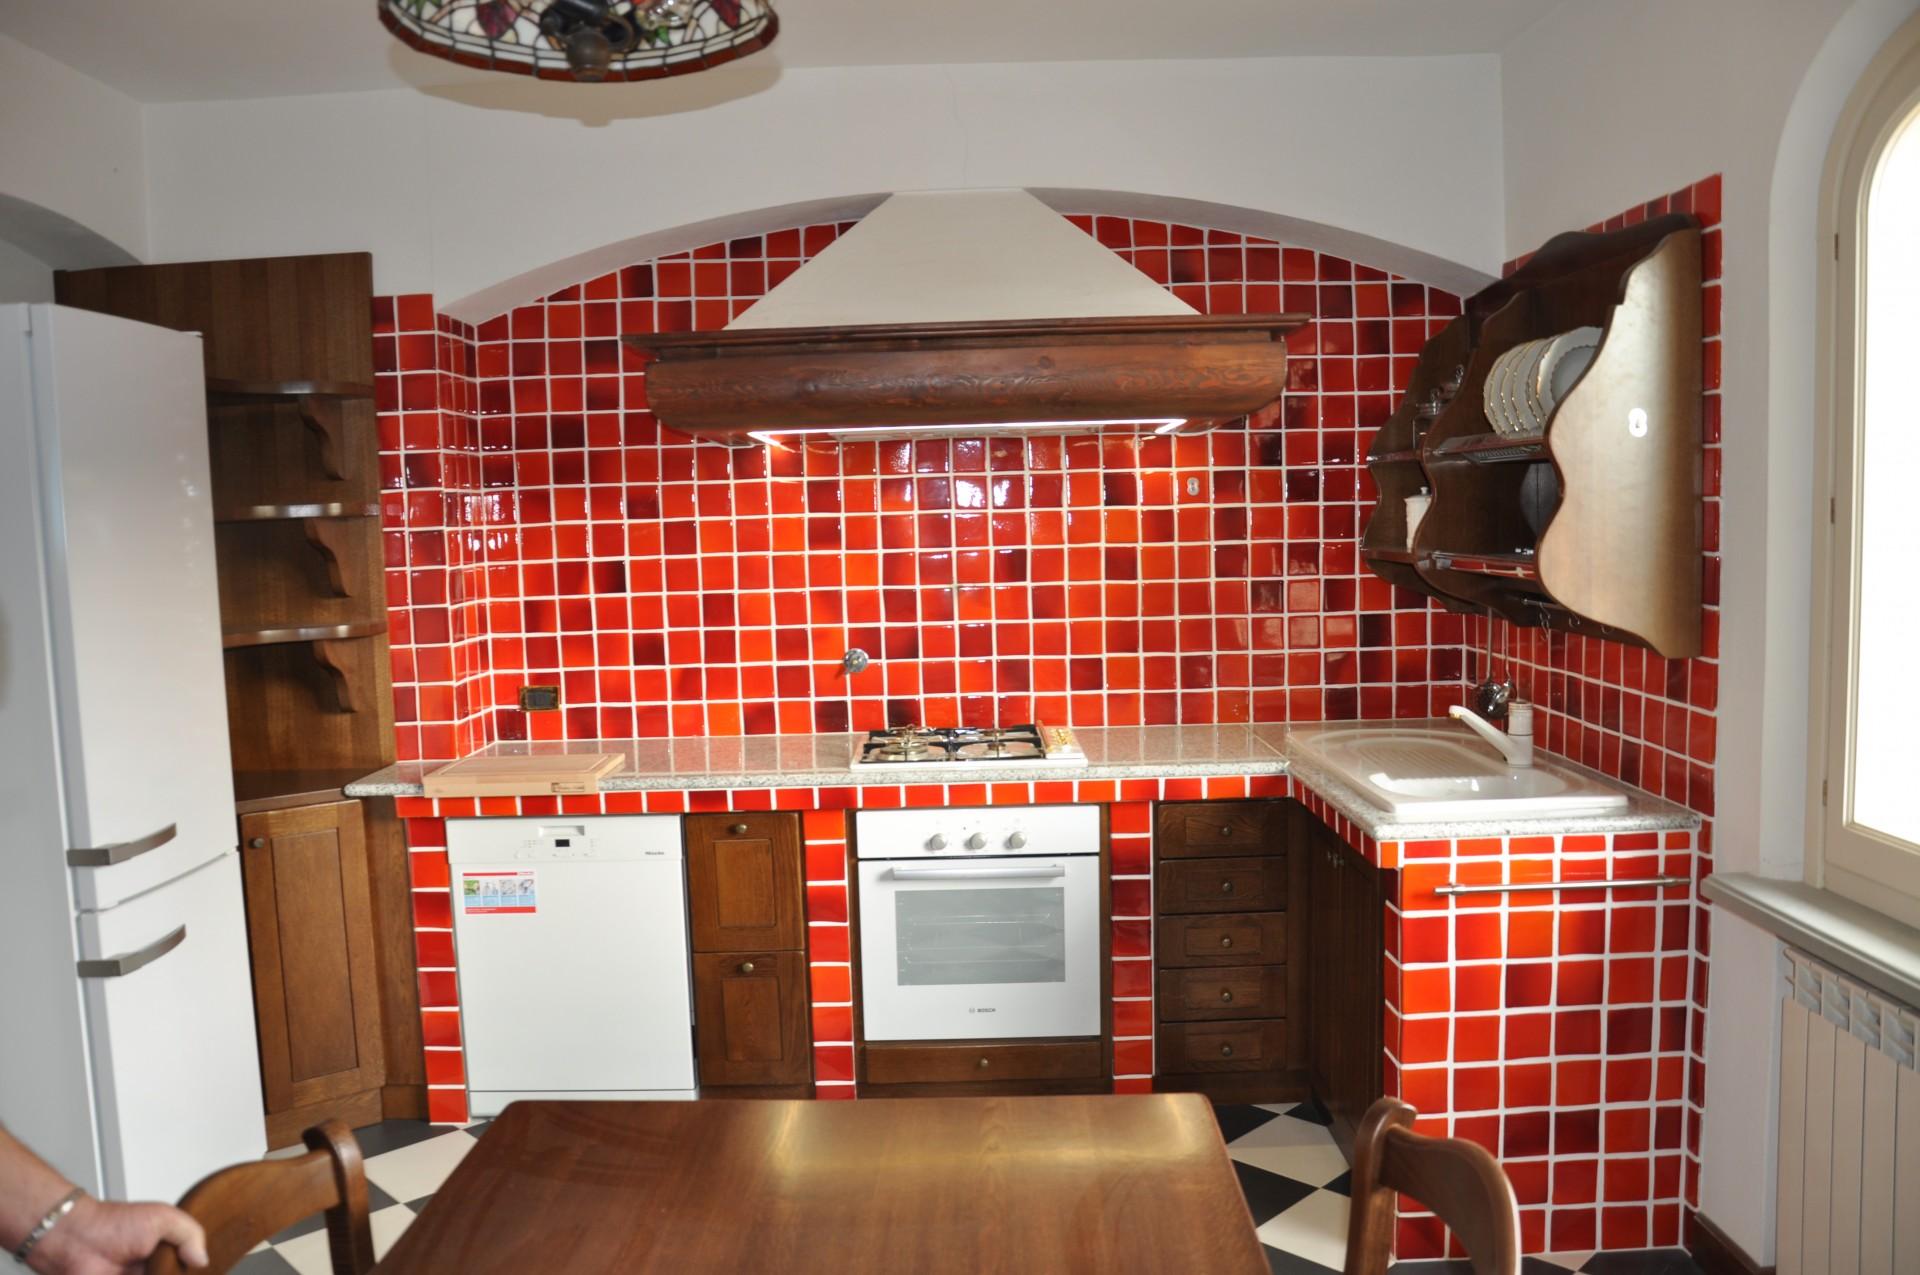 Cucina in muratura. | Fadini Mobili Cerea Verona